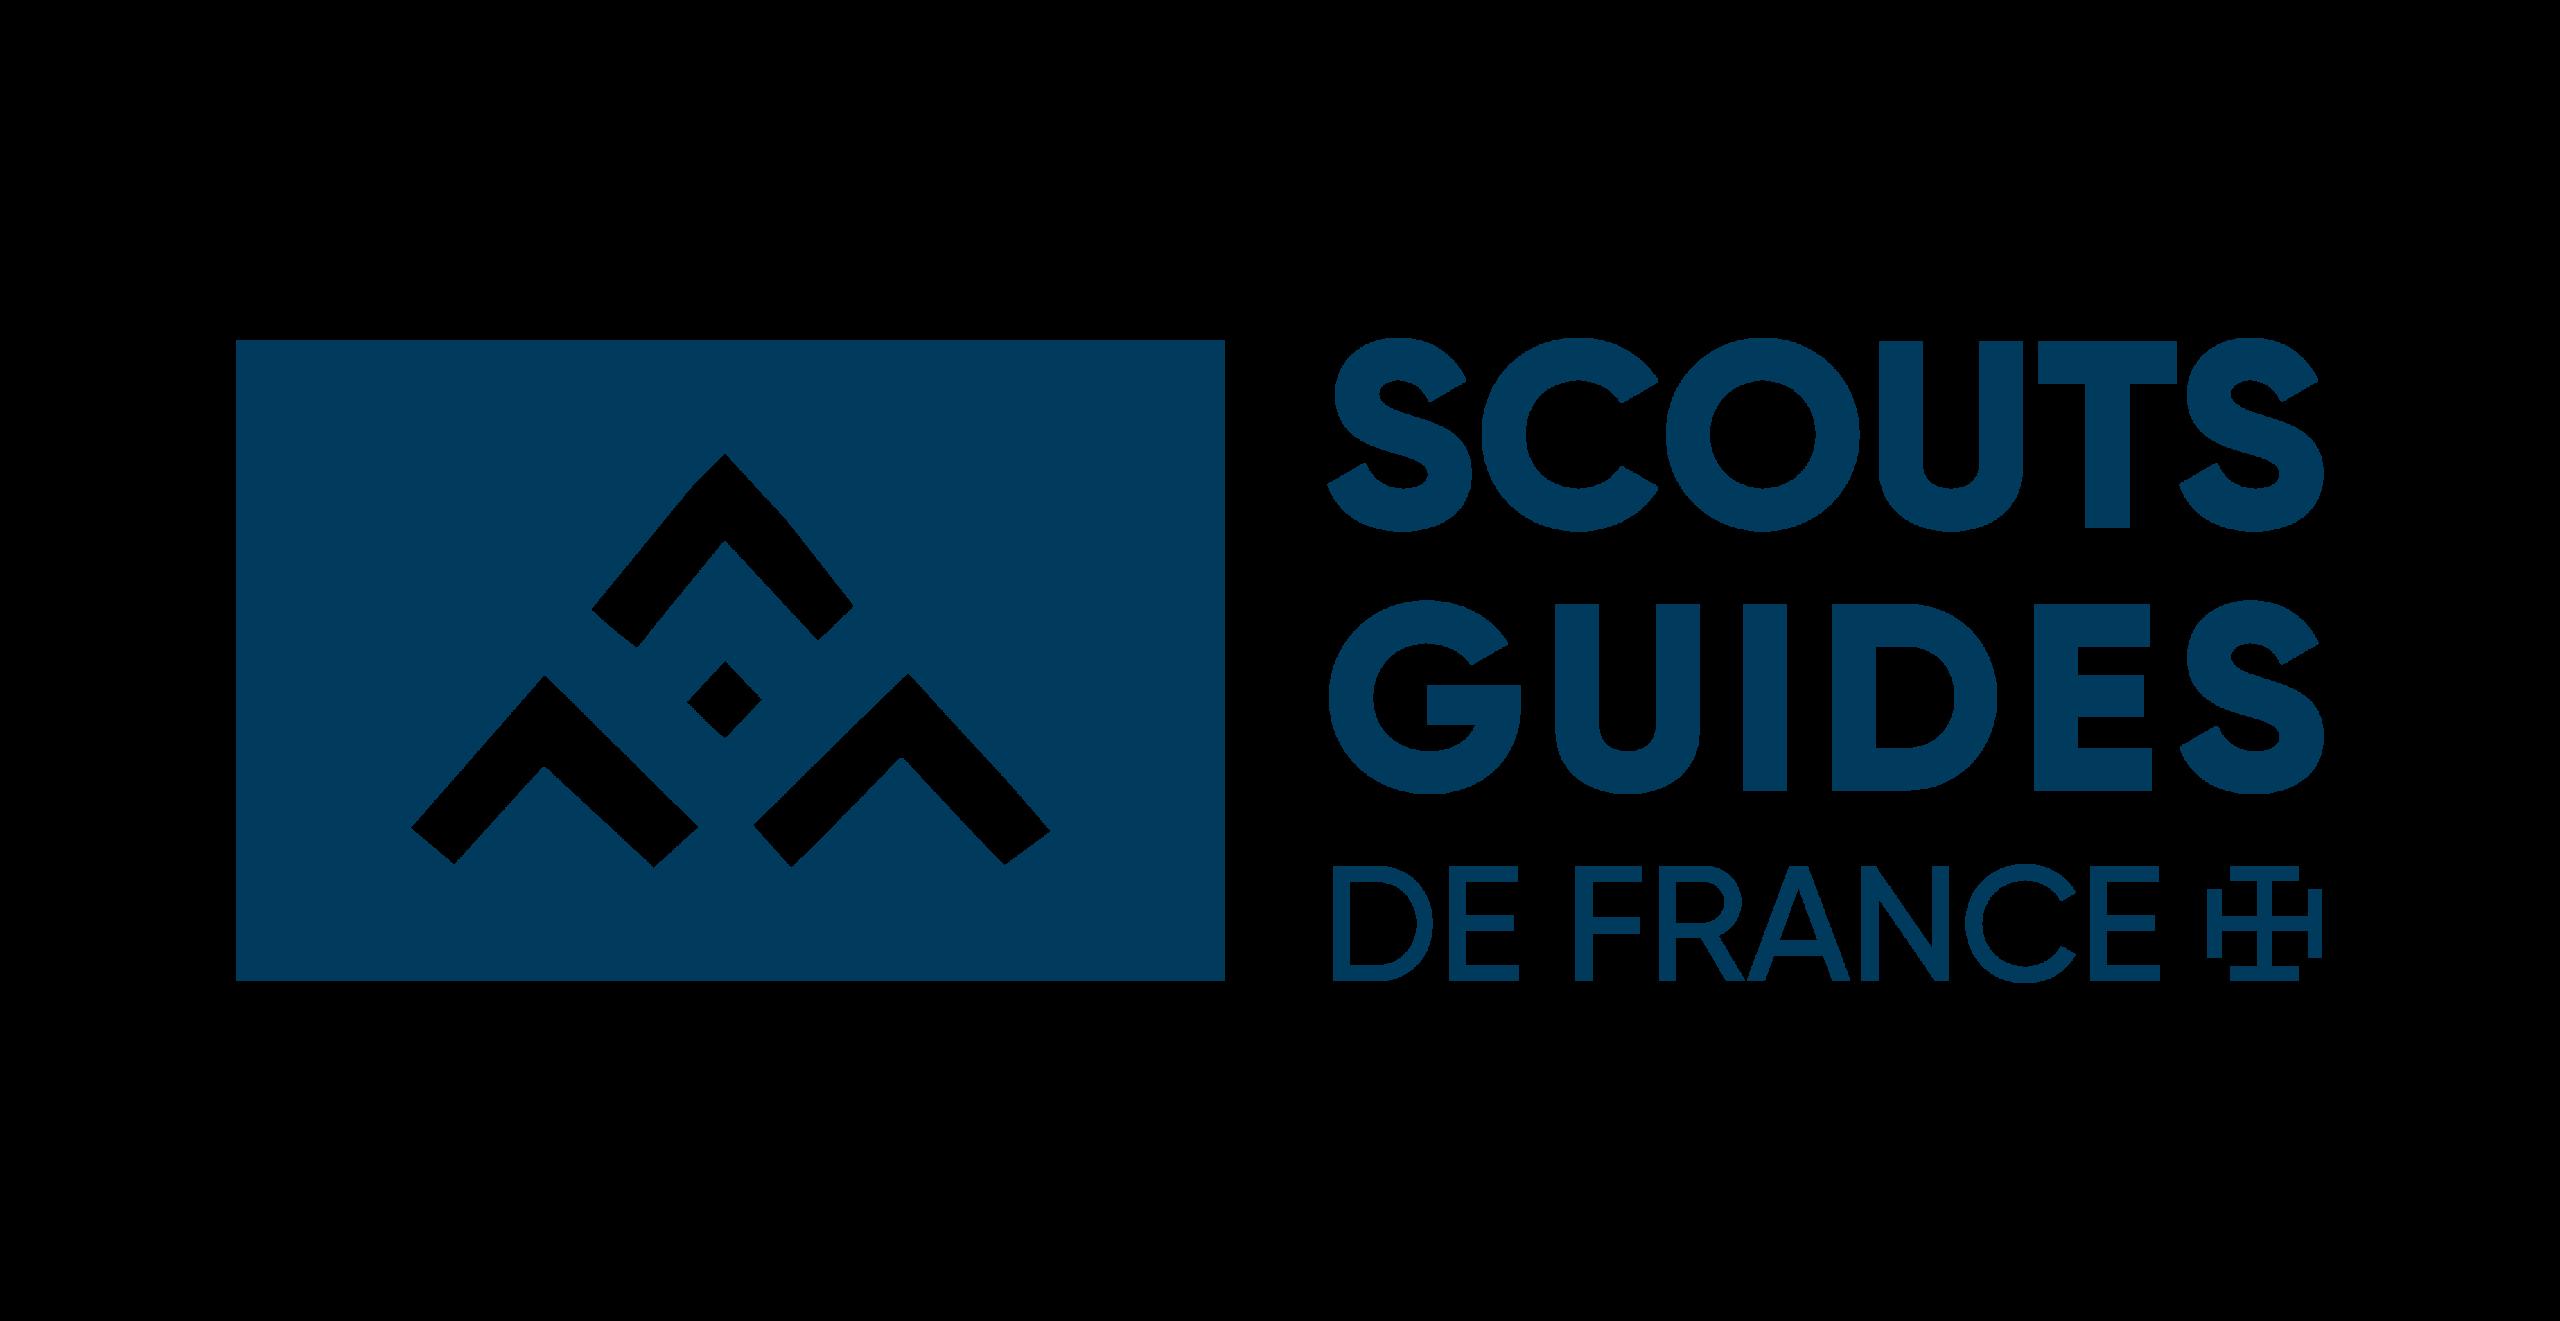 sgdf-scouts-et-guides-de-france